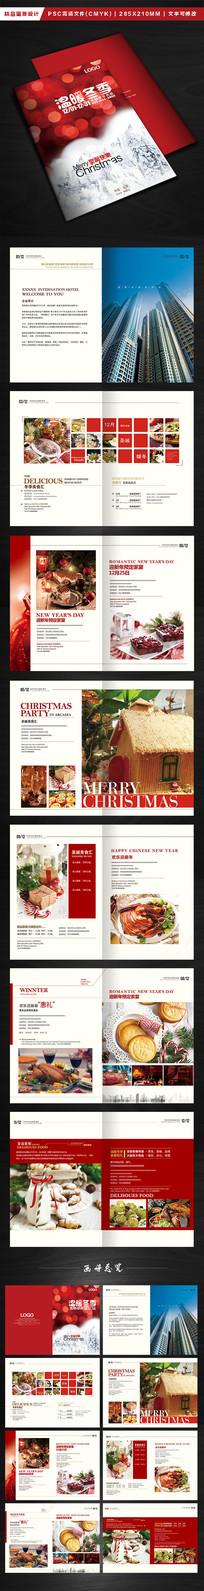 时尚红色圣诞活动宣传册